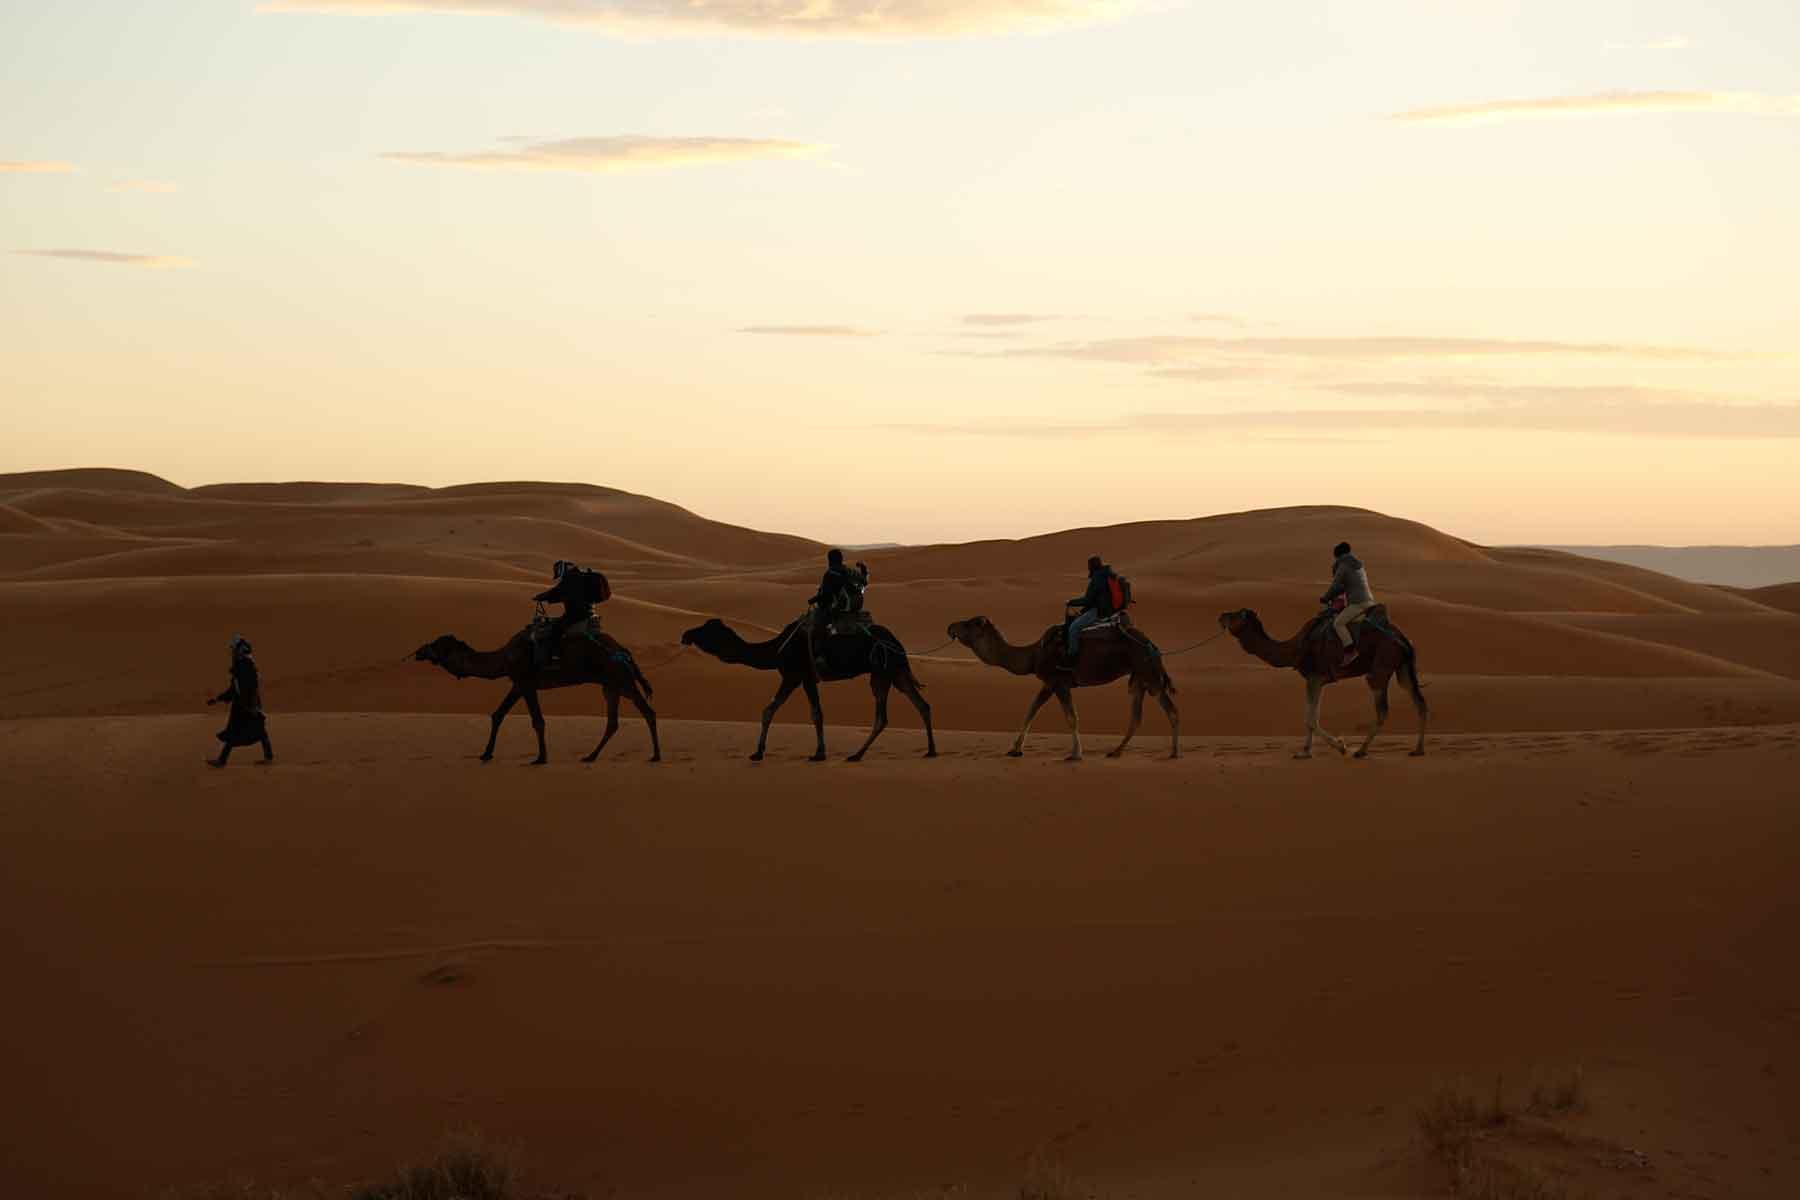 tours from marrakech - Morocco Sahara Desert Tours from Marrakech